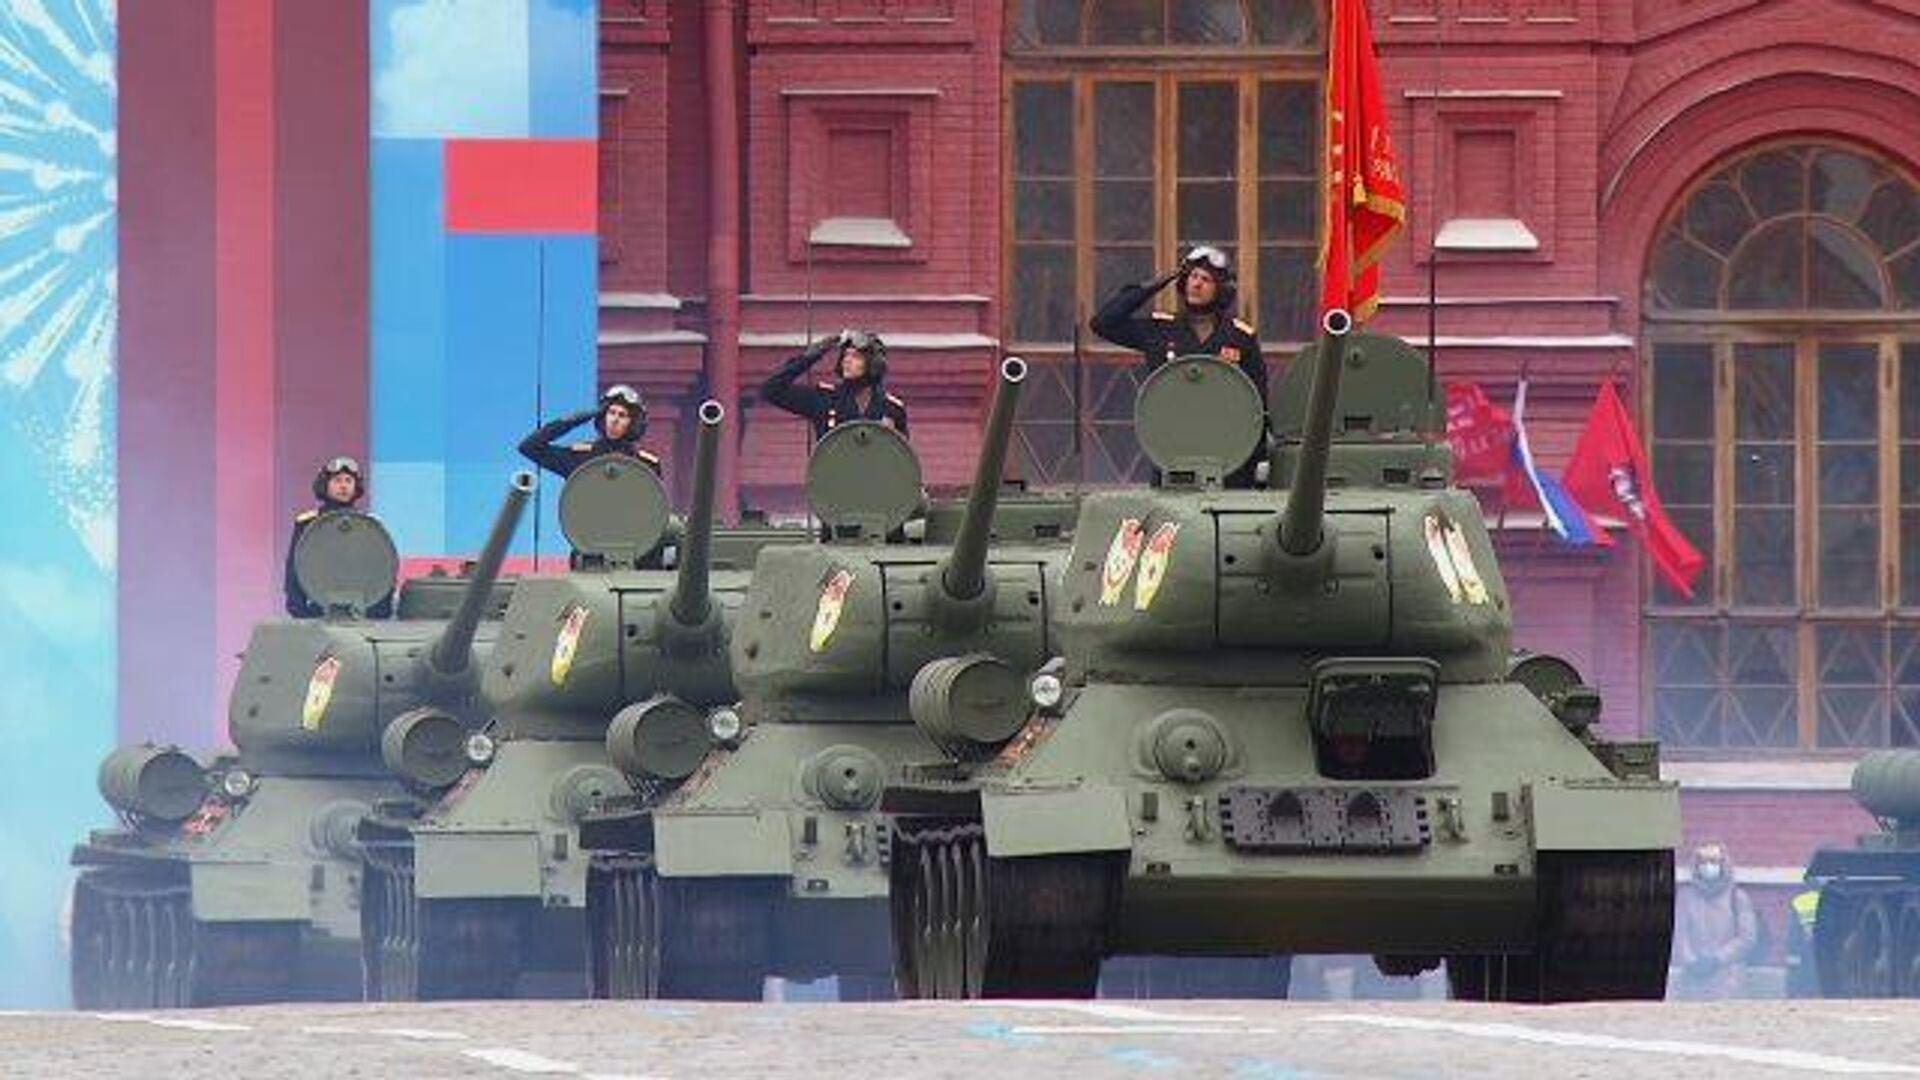 Парад Победы прошел  во многих городах России - РИА Новости, 1920, 09.05.2021